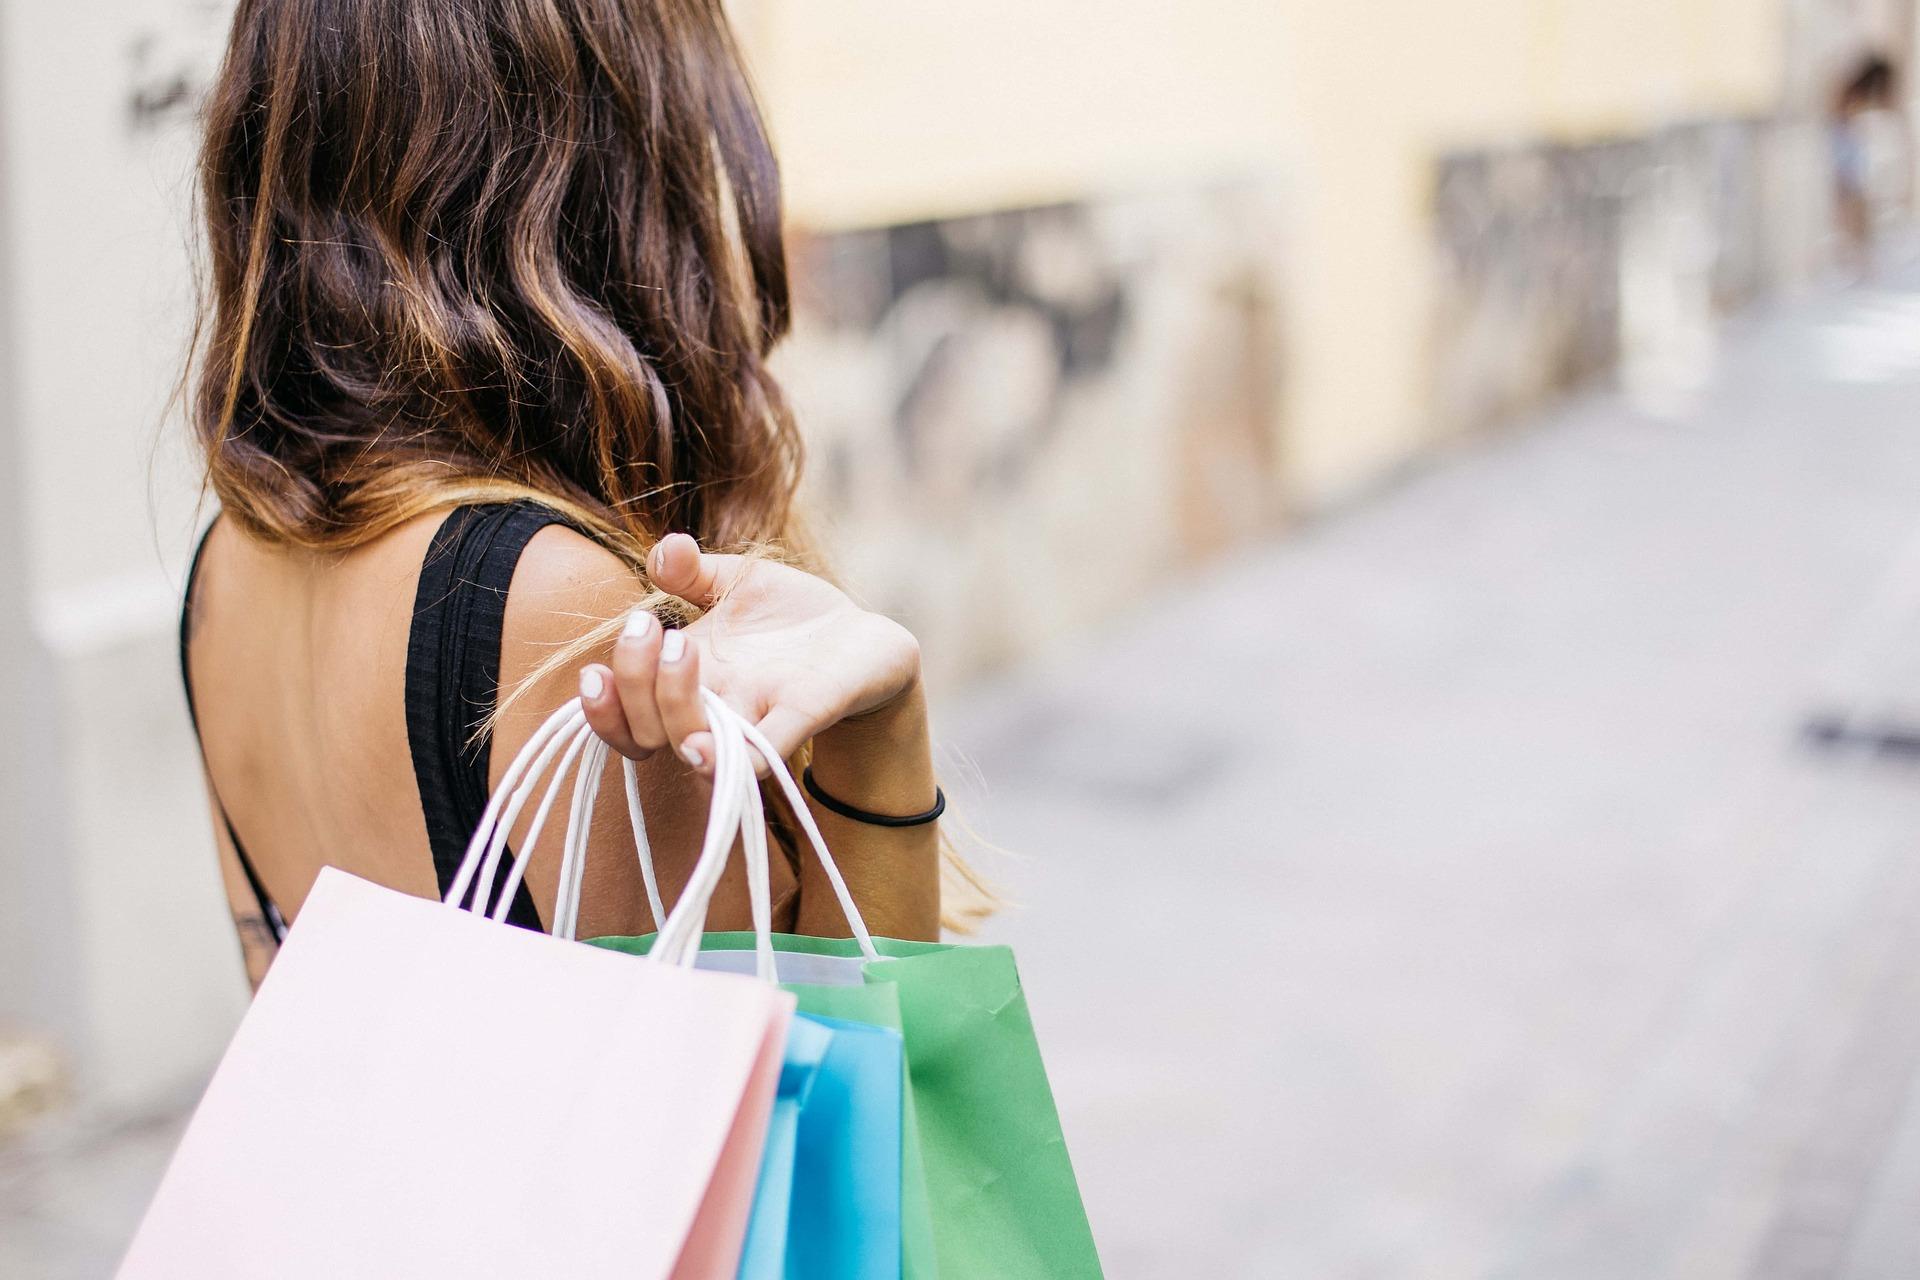 Rasprodaja, akcija, sezonsko sniženje ili samo popust?